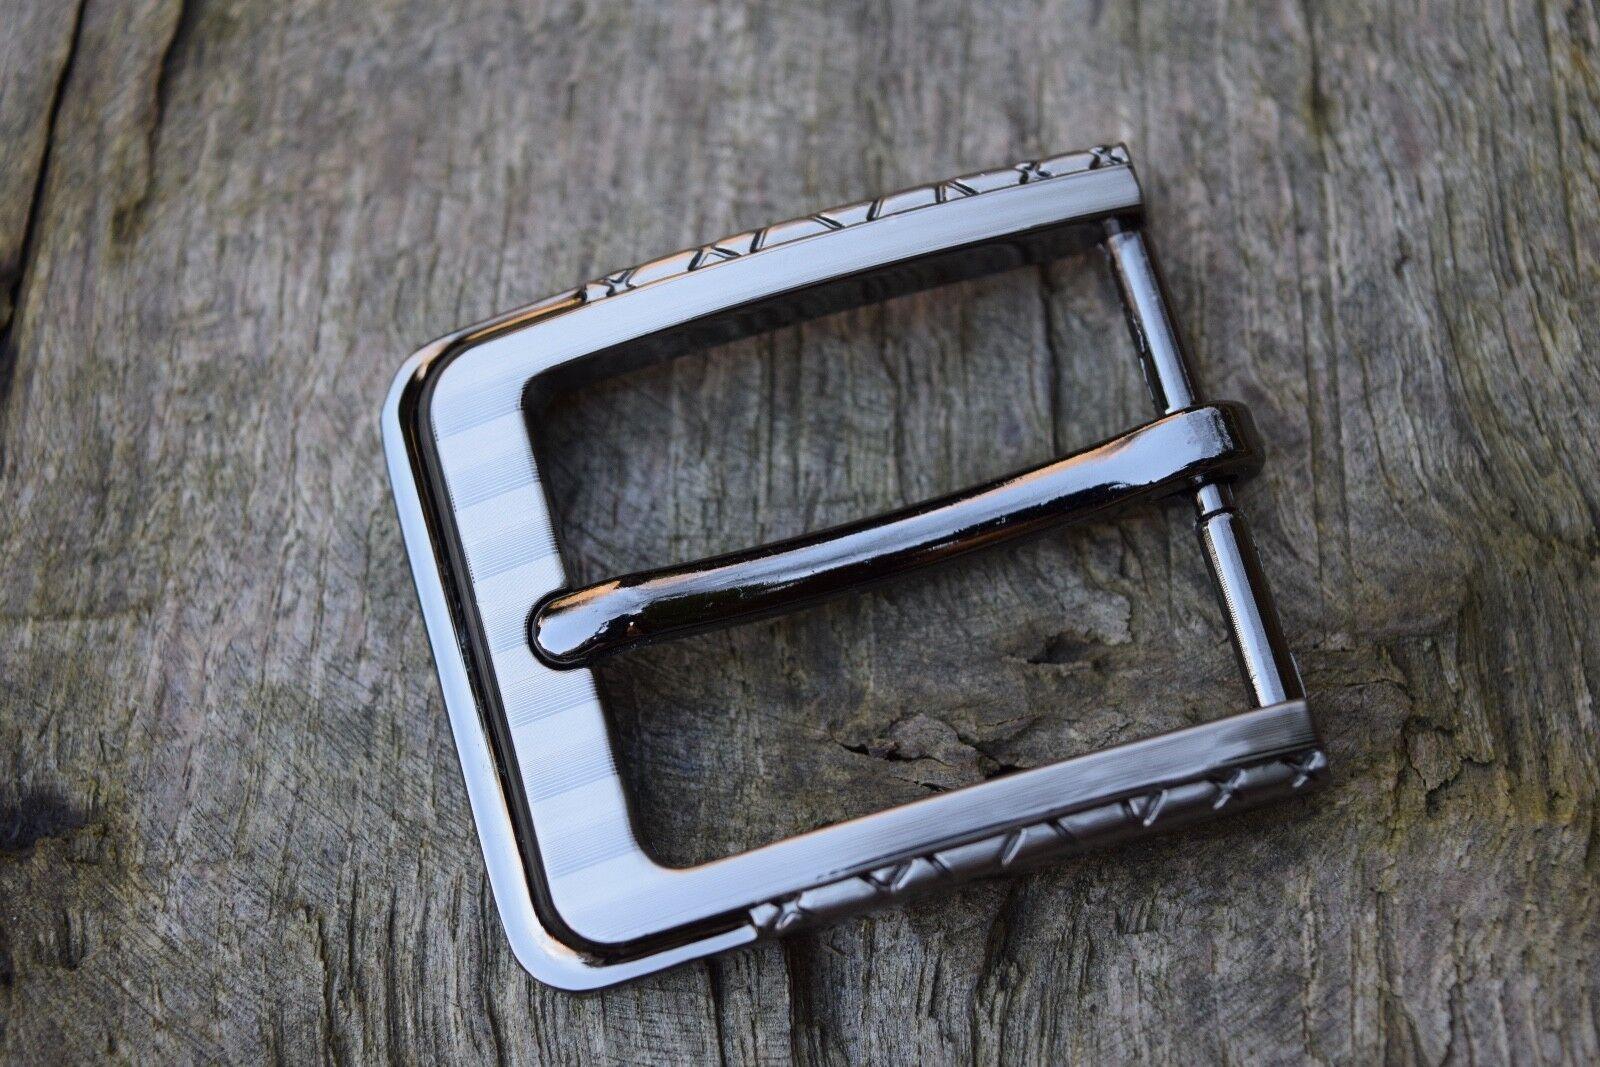 Ersatz Gürtelschnalle Passend Für 30mm Band Metall Schwarz Silber Großhandel J